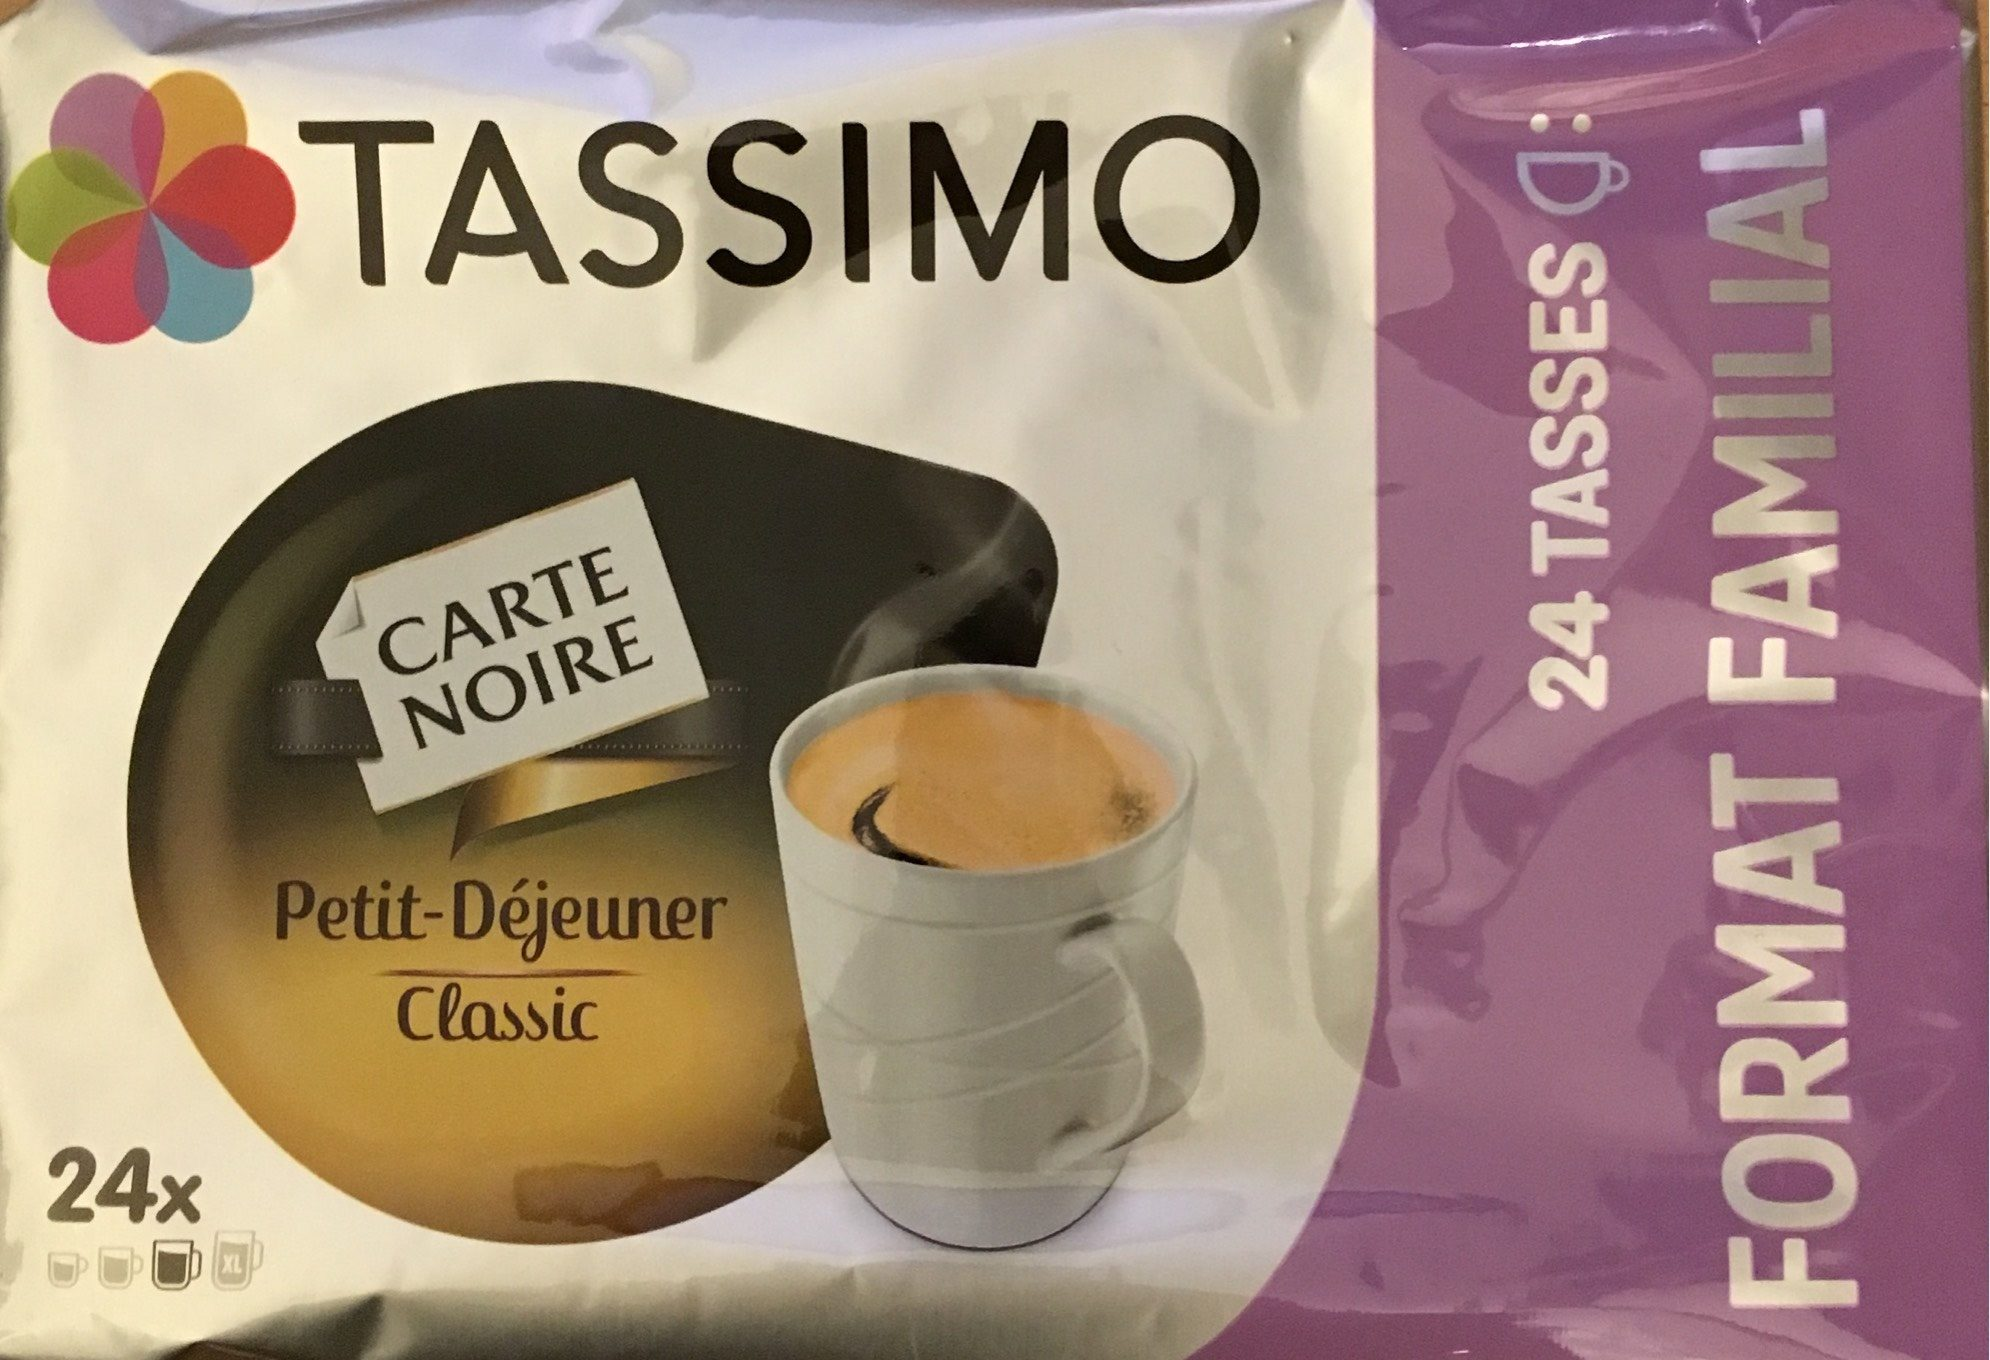 TASSIMO Carte Noire Petit Déjeuner Classic 24 Tdisc Lot de 3 (72 Tdisc) - Product - fr